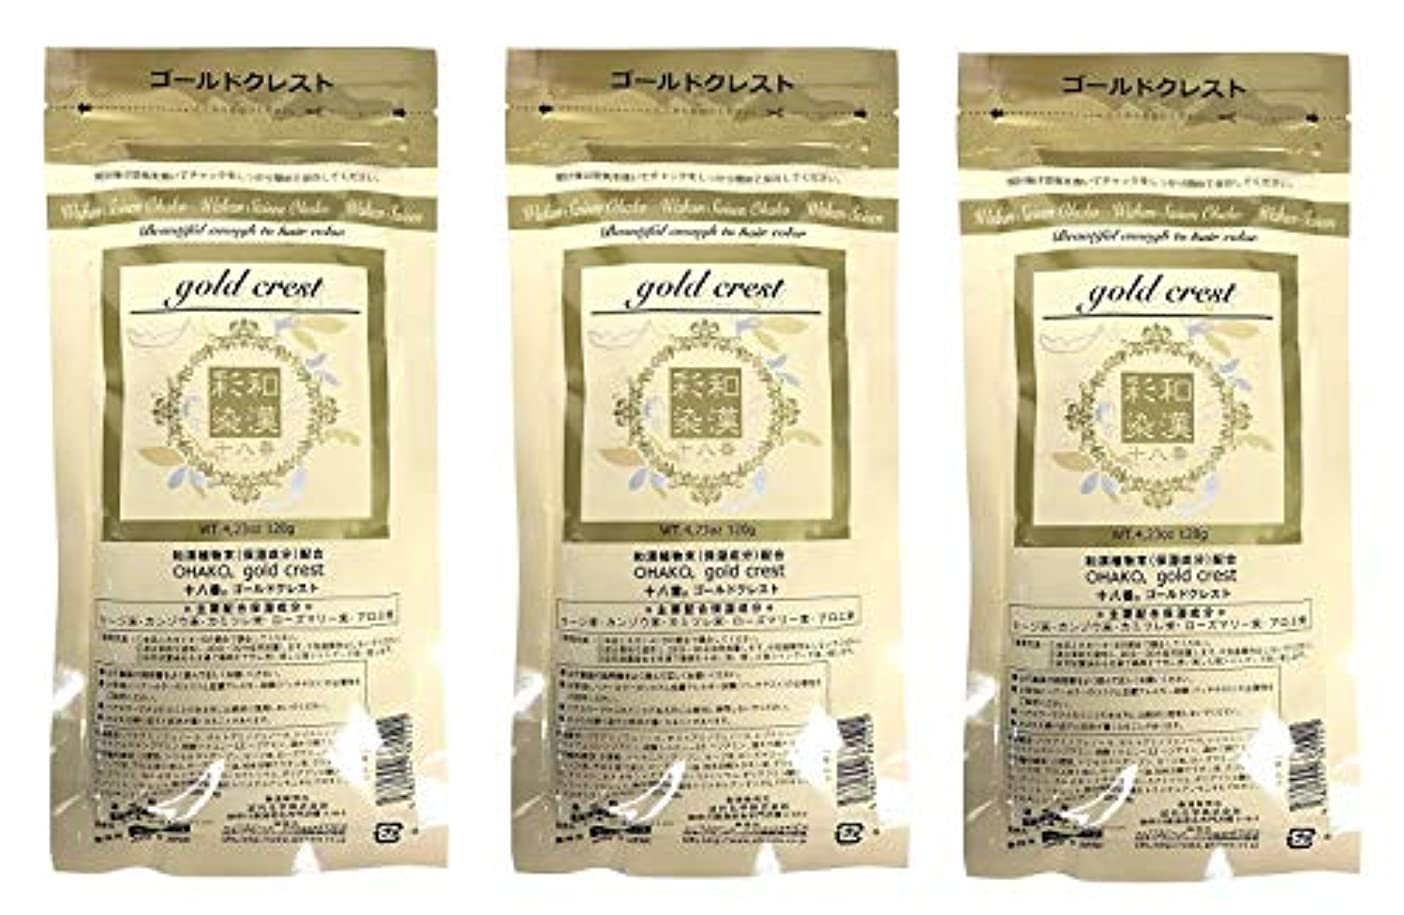 市場ロデオアスペクト【3個セット】グランデックス 和漢彩染 十八番 120g ゴールドクレスト